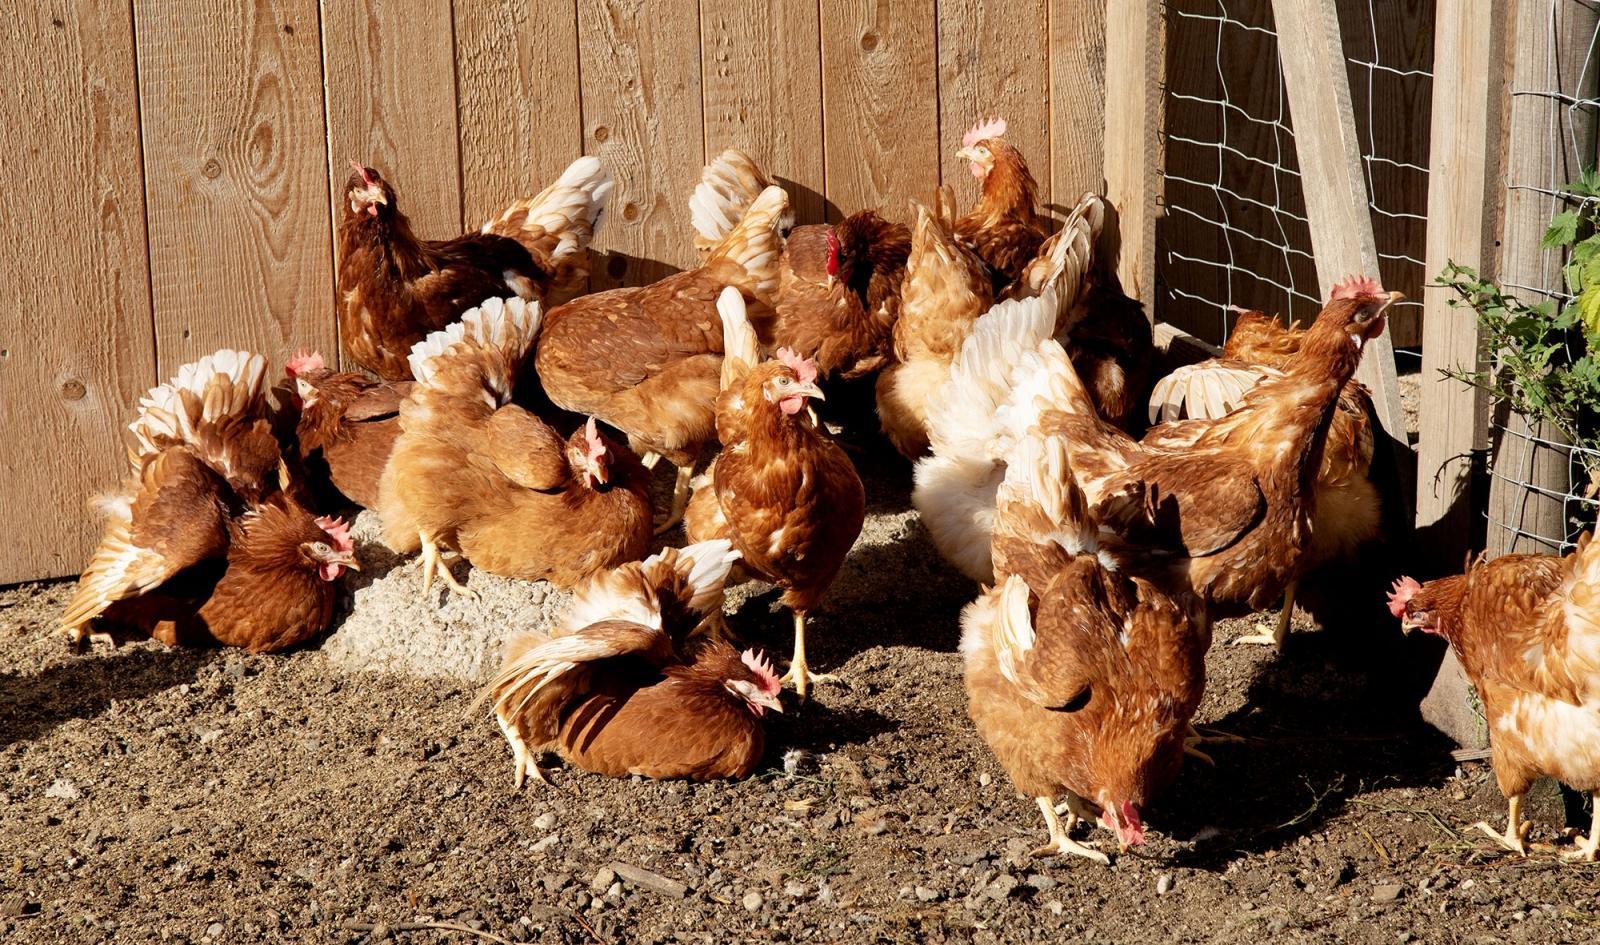 Ringlerhof Hofladen täglich frische Eier für Großabnehmer mit LIeferung